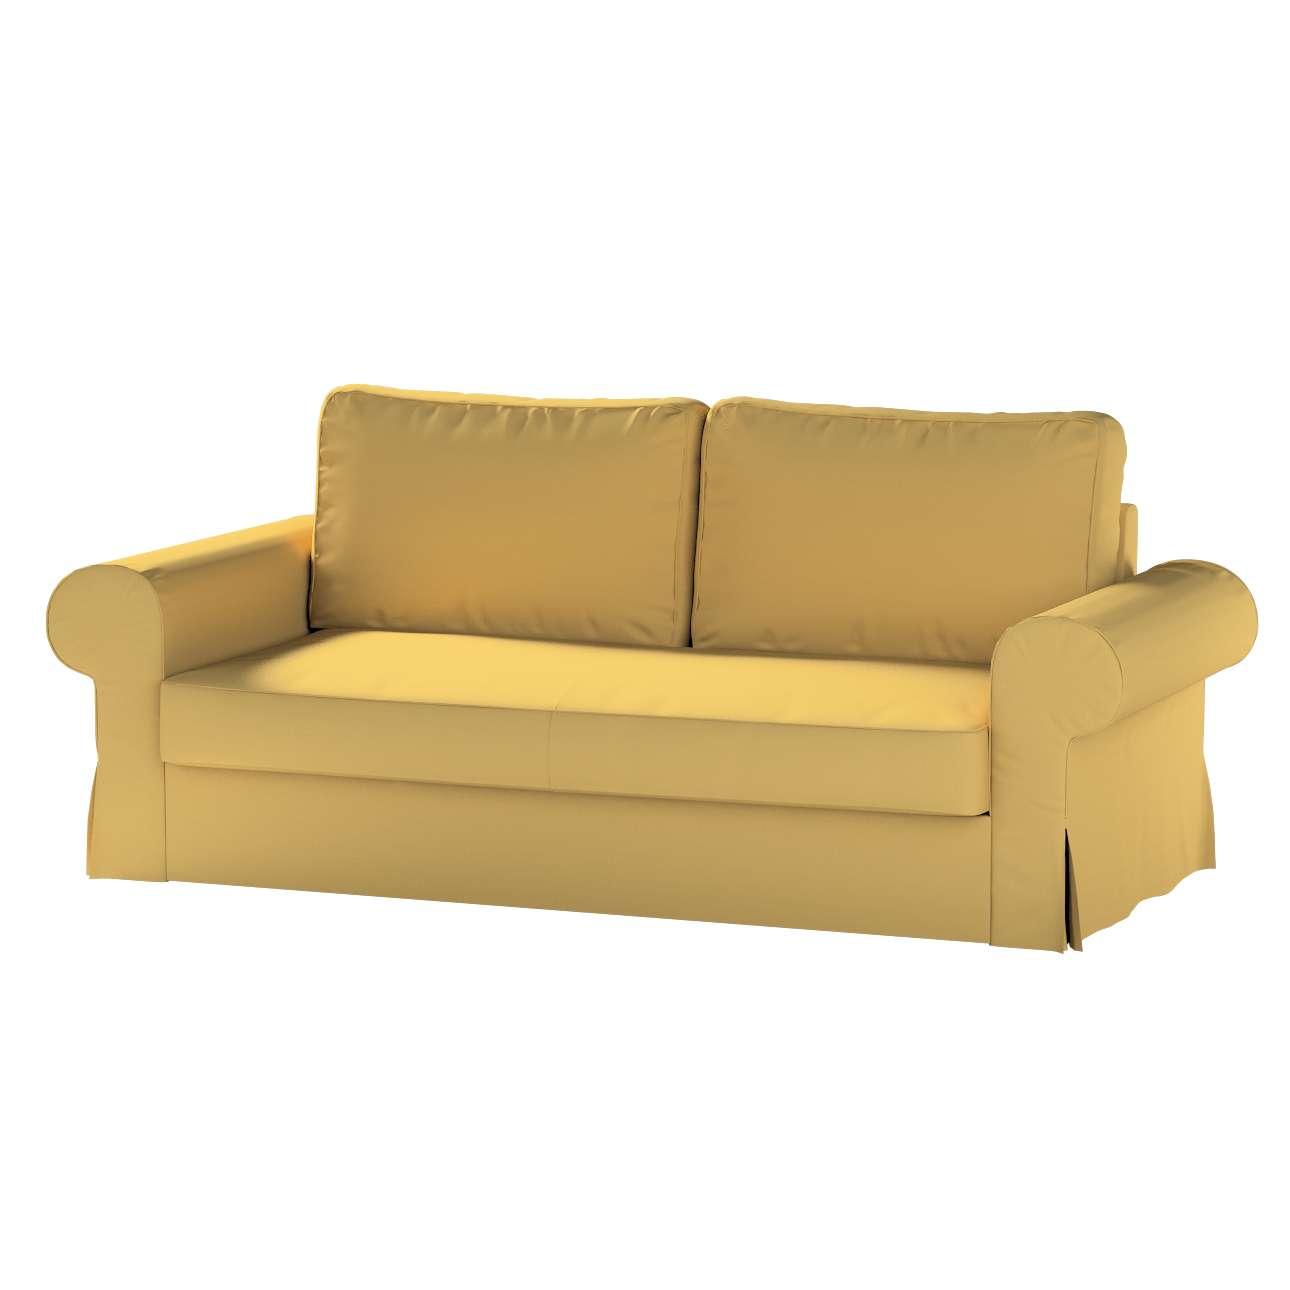 Bezug für Backabro 3-Sitzer Sofa ausklappbar von der Kollektion Cotton Panama, Stoff: 702-41